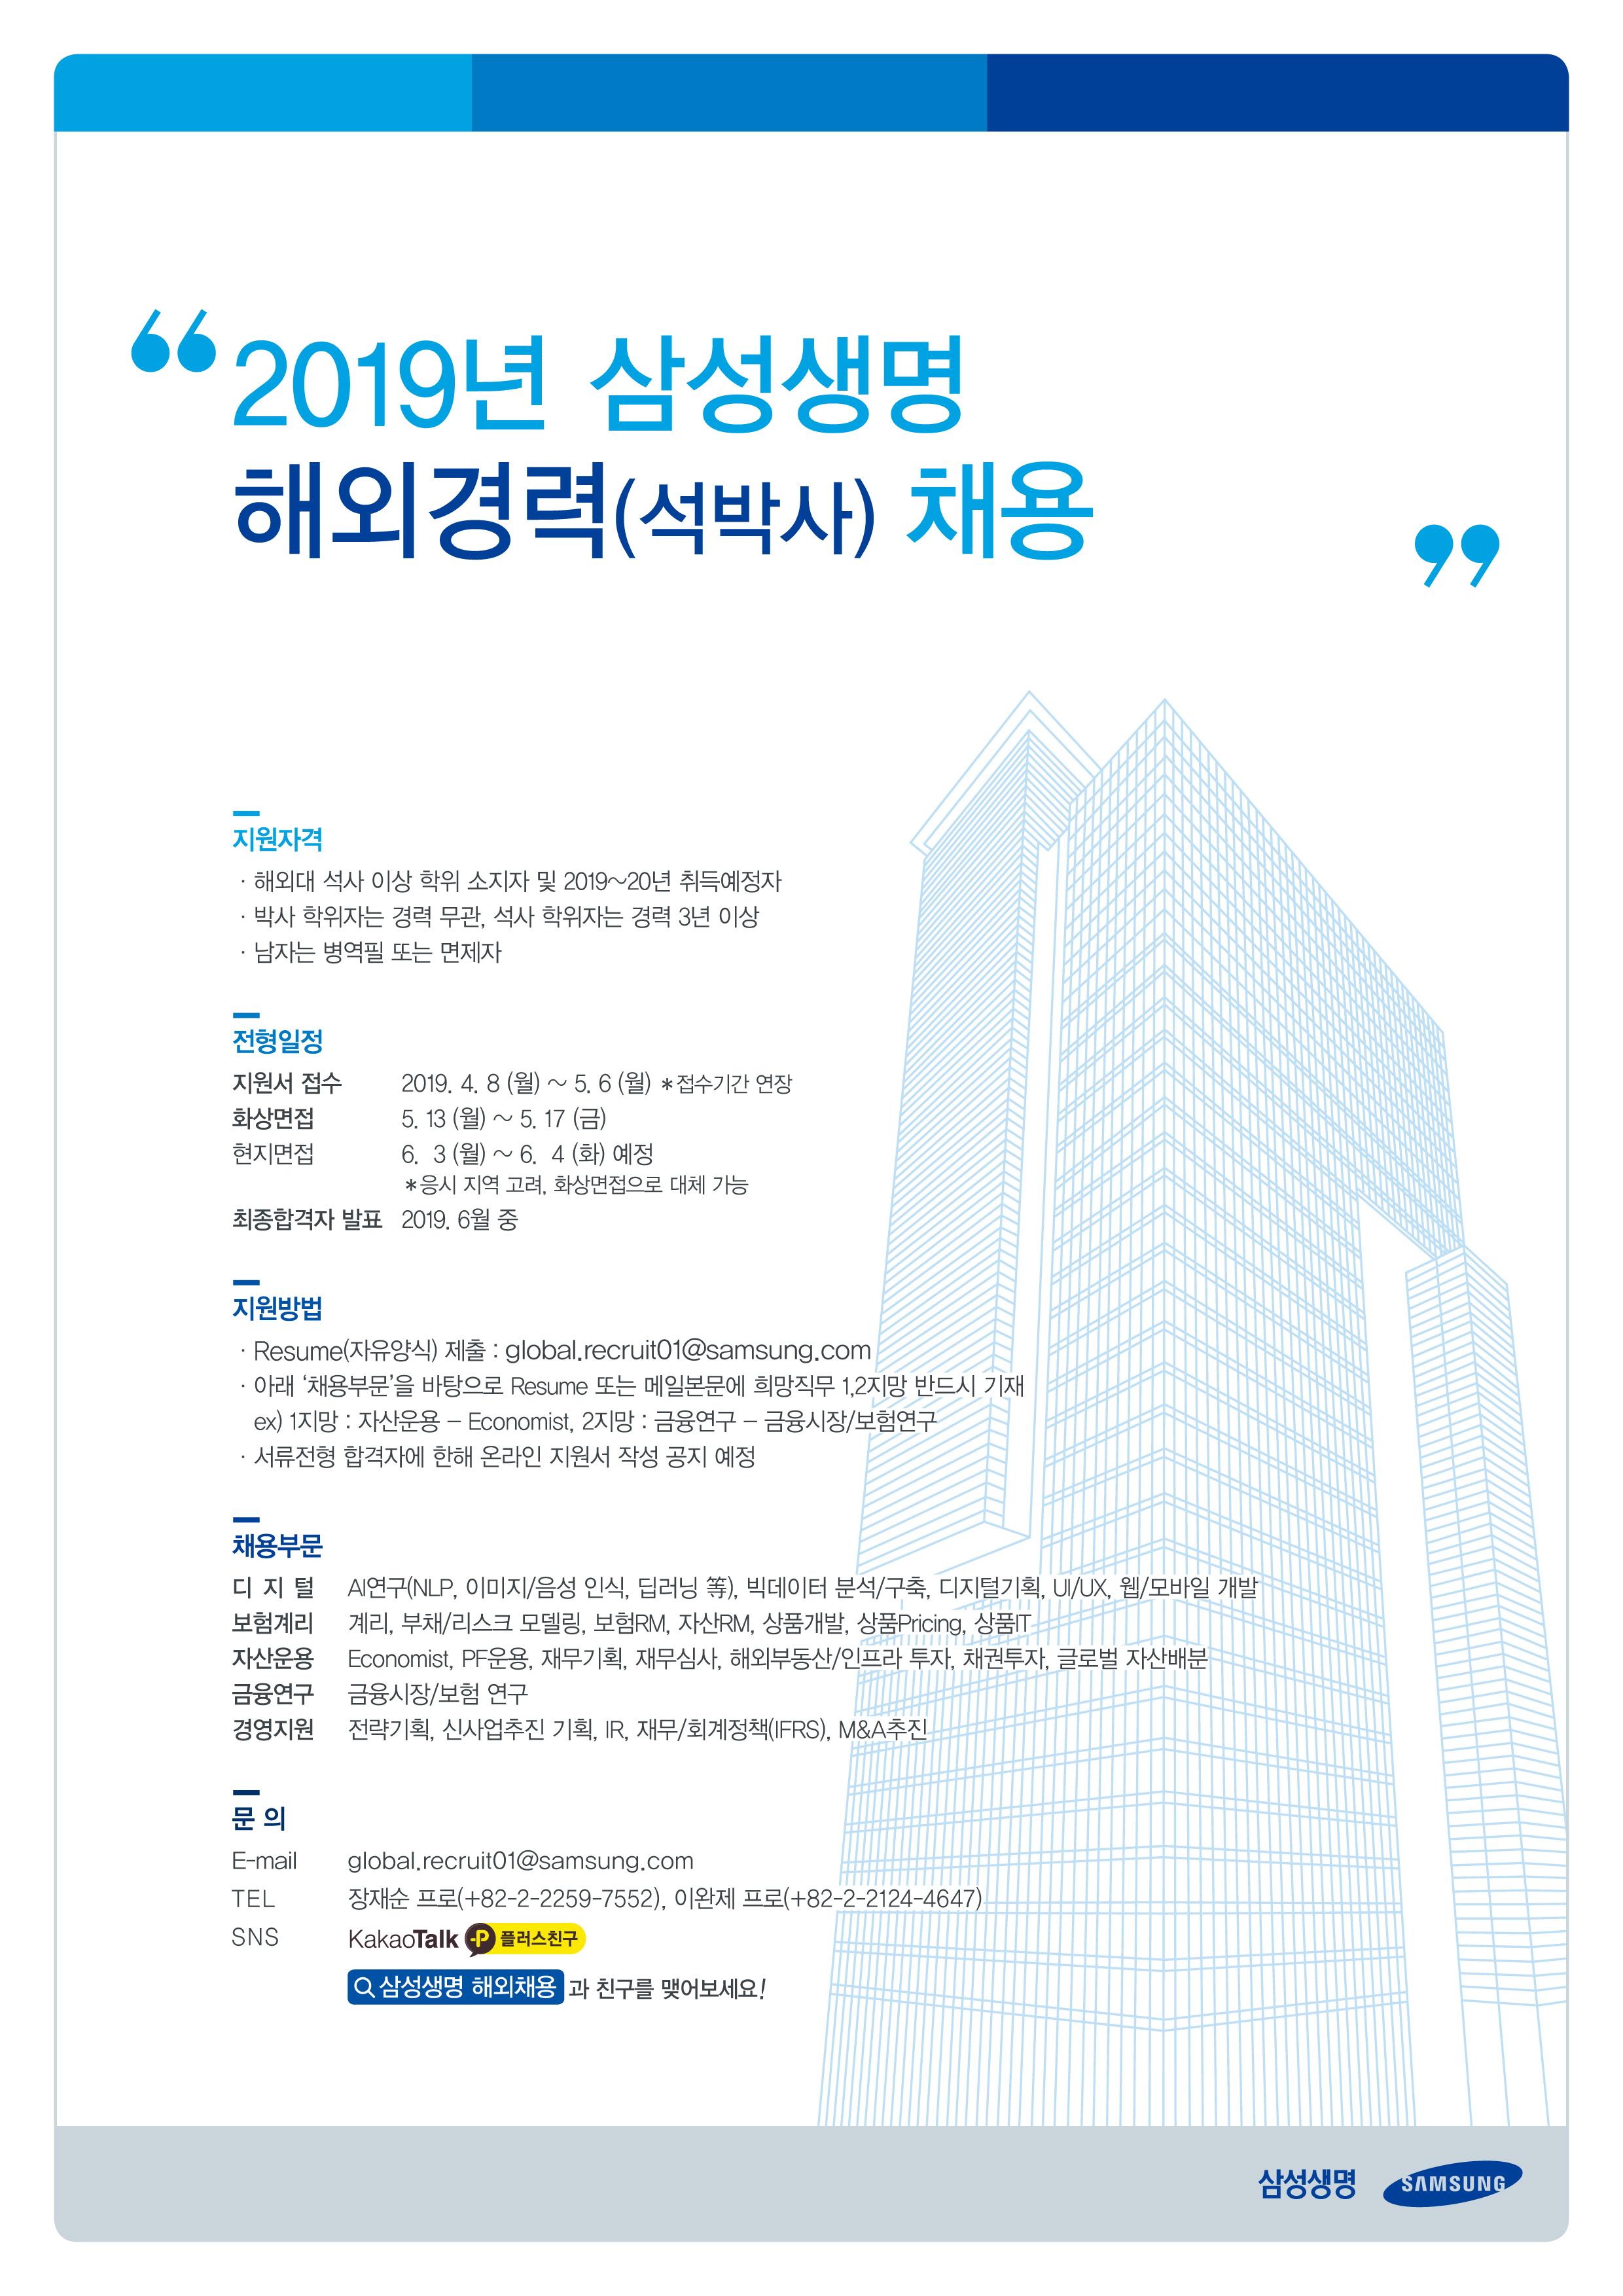 [삼성생명] 2019년 상반기 해외 채용 포스터(접수기한 연장).jpg